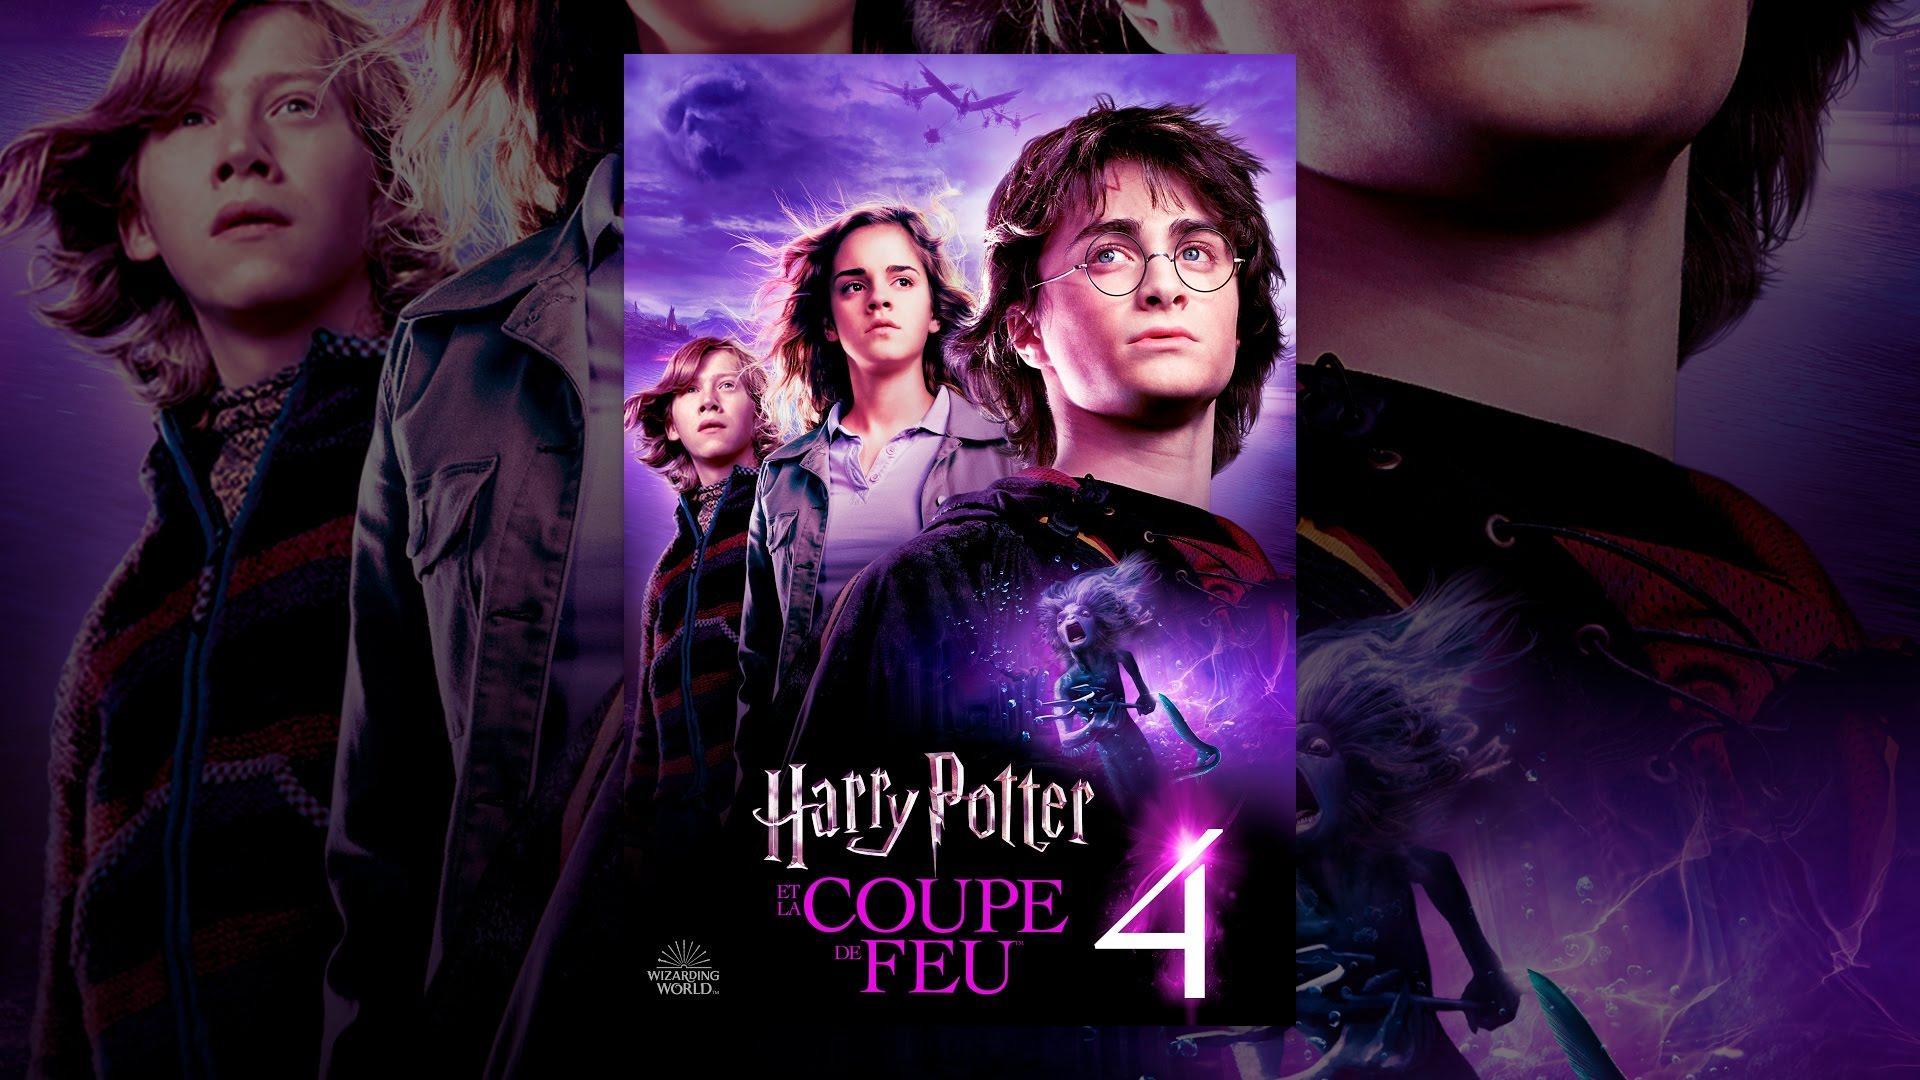 Harry potter et la coupe de feu vf youtube - Harry potter et la coupe de feu vf streaming ...